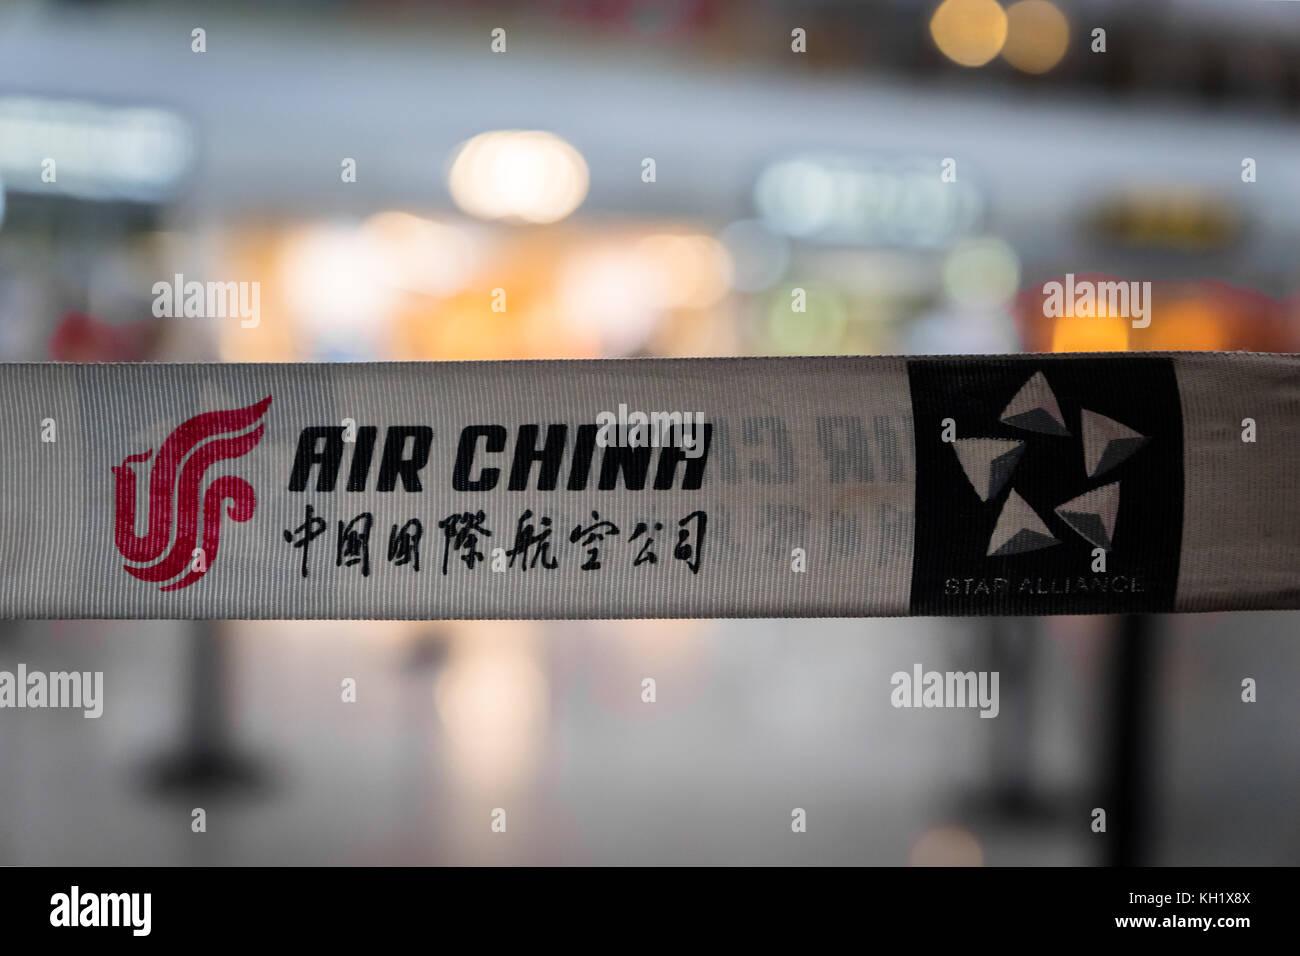 Pechino, Cina - ottobre 2017: Air China Company logo all'aeroporto di Pechino in Cina. air china è la compagnia Immagini Stock